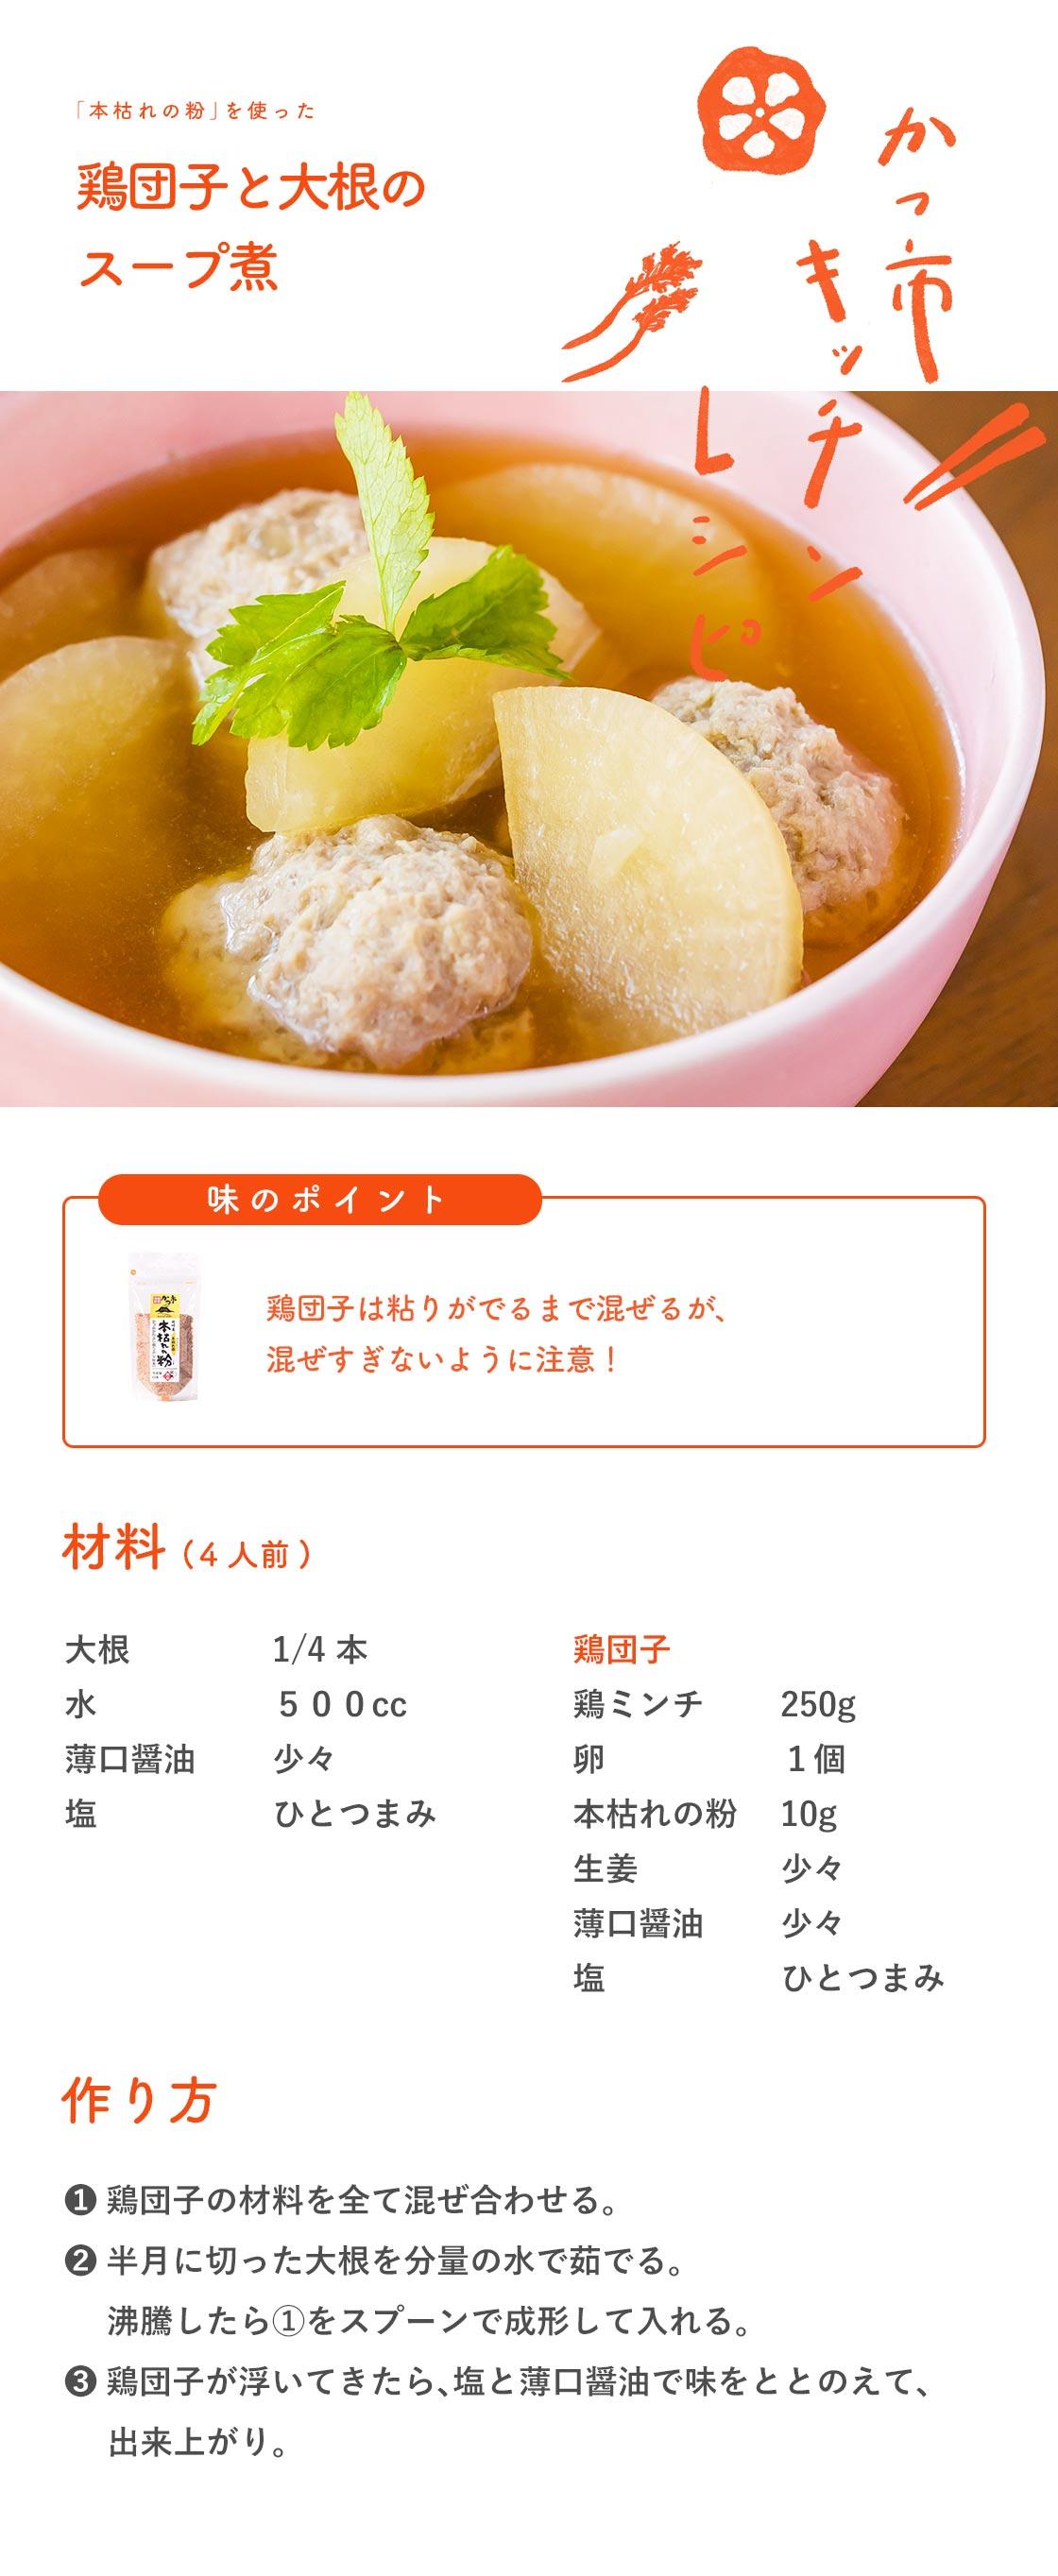 新玉ねぎとトマトのマリネのレシピ